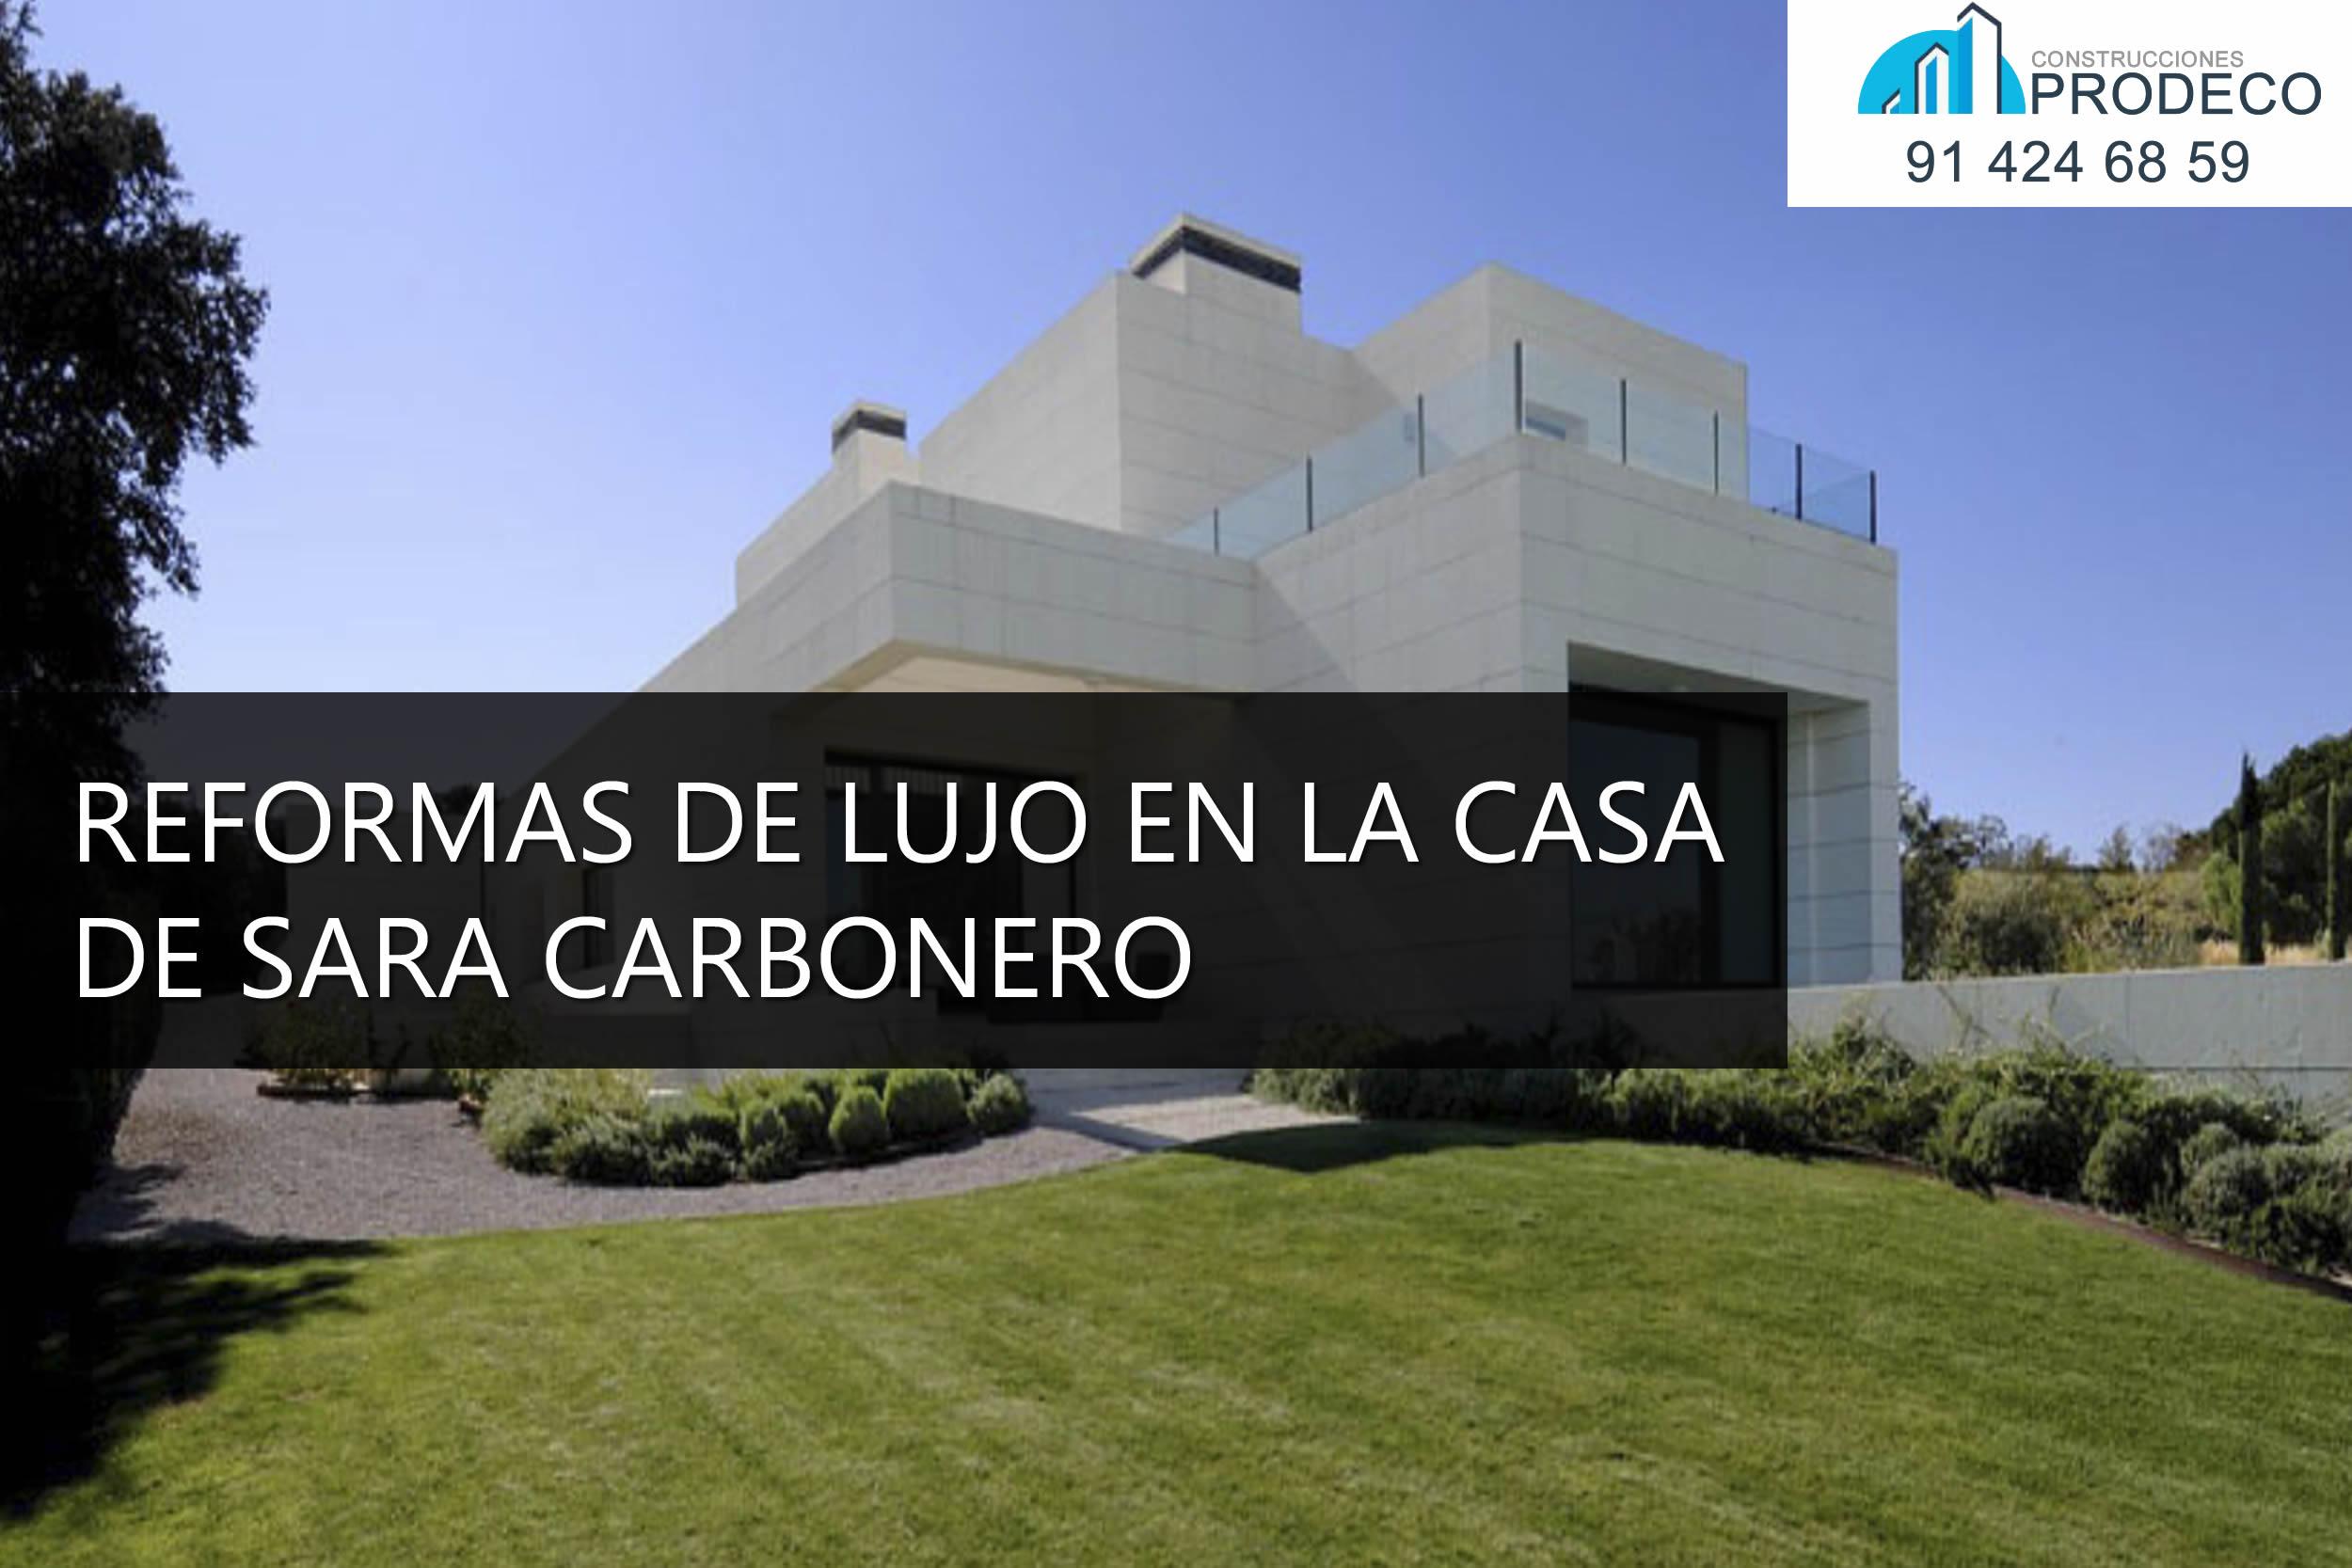 Reformas de Lujo en la Casa de Sara Carbonero en Madrid